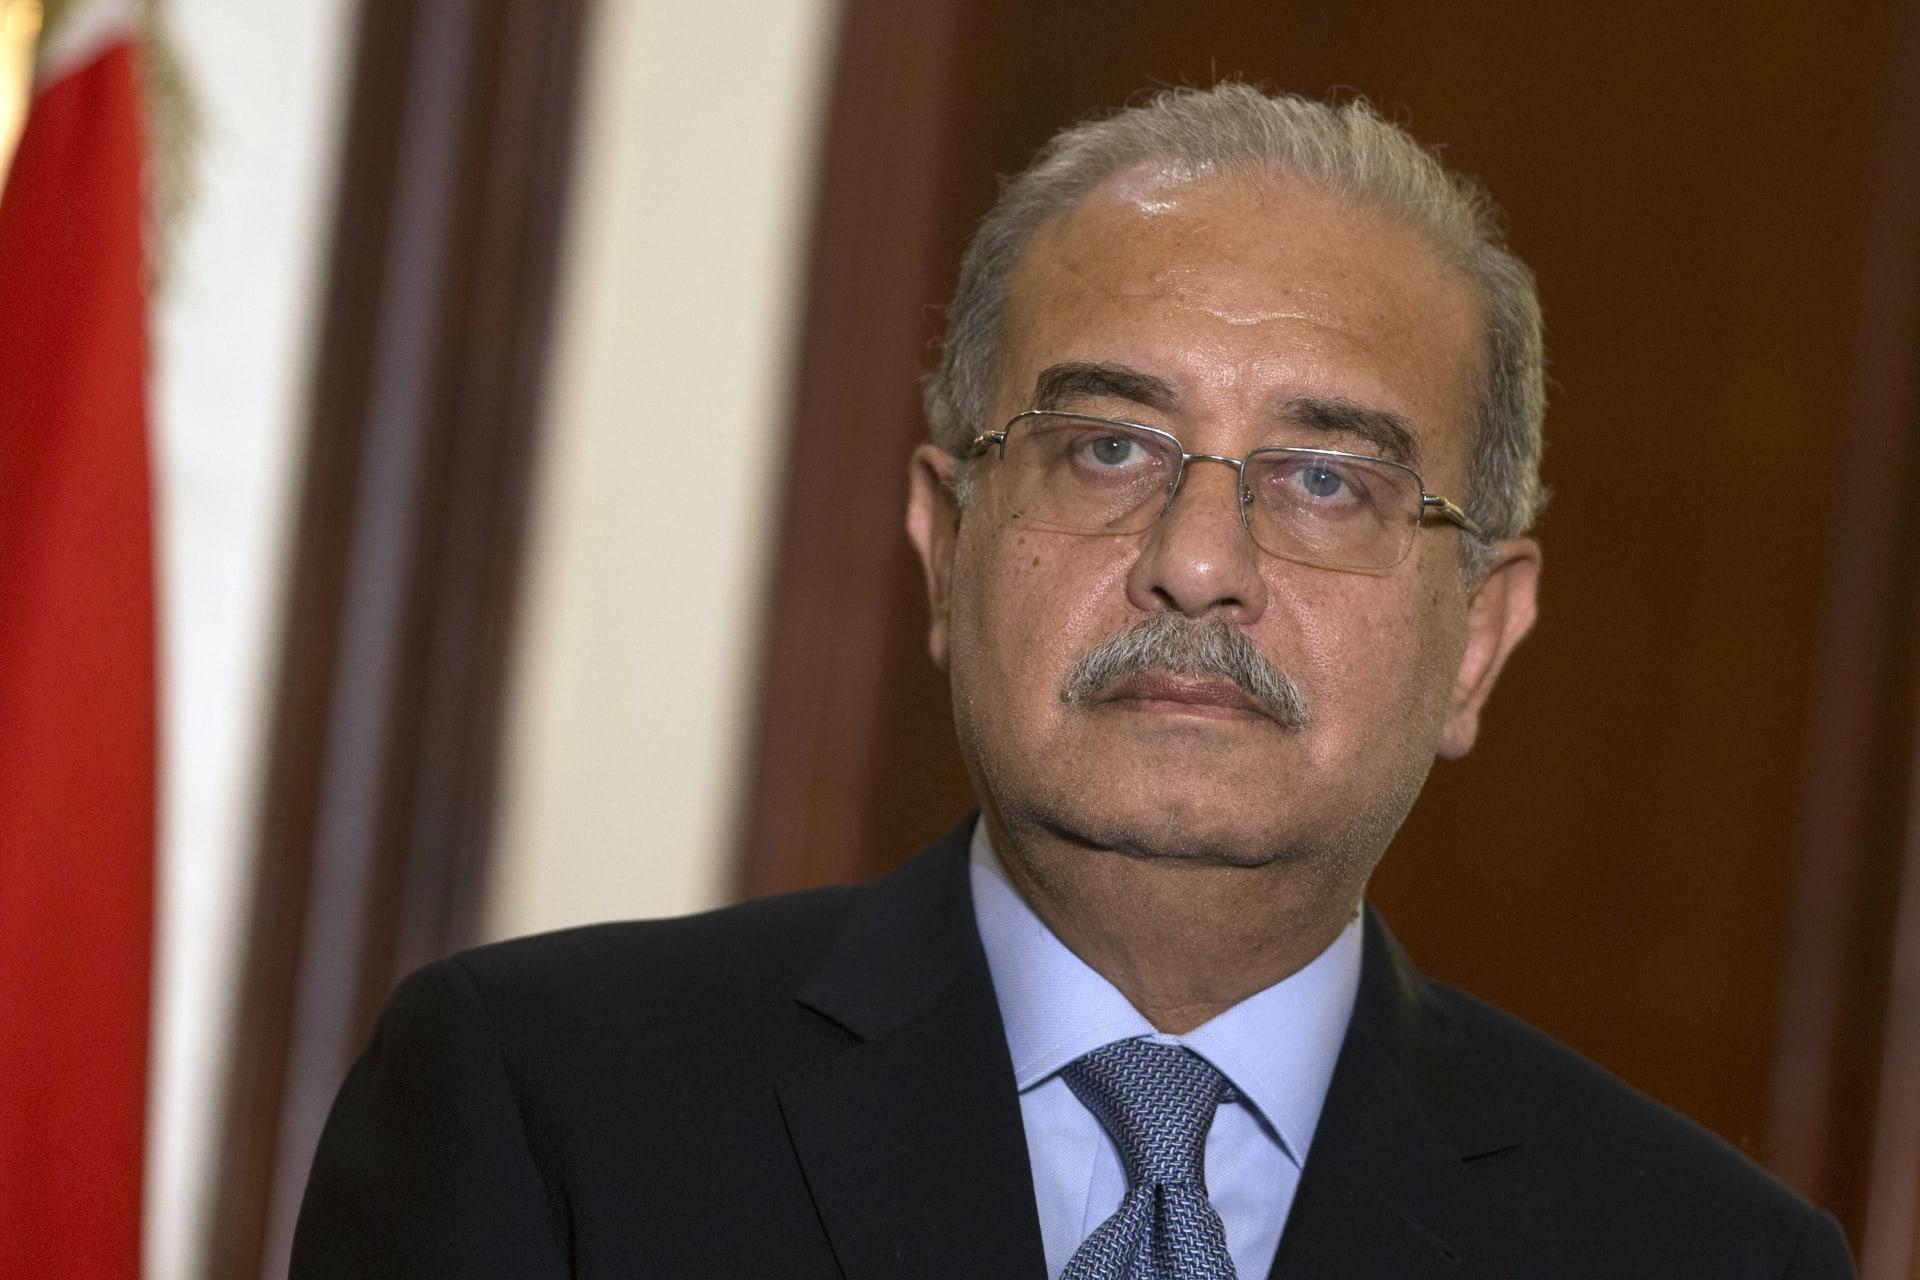 رئيس الوزراء المصري: مصر ستستعيد دورها قريبا بعد القضاء على البيروقراطية ومواجهة الإرهاب